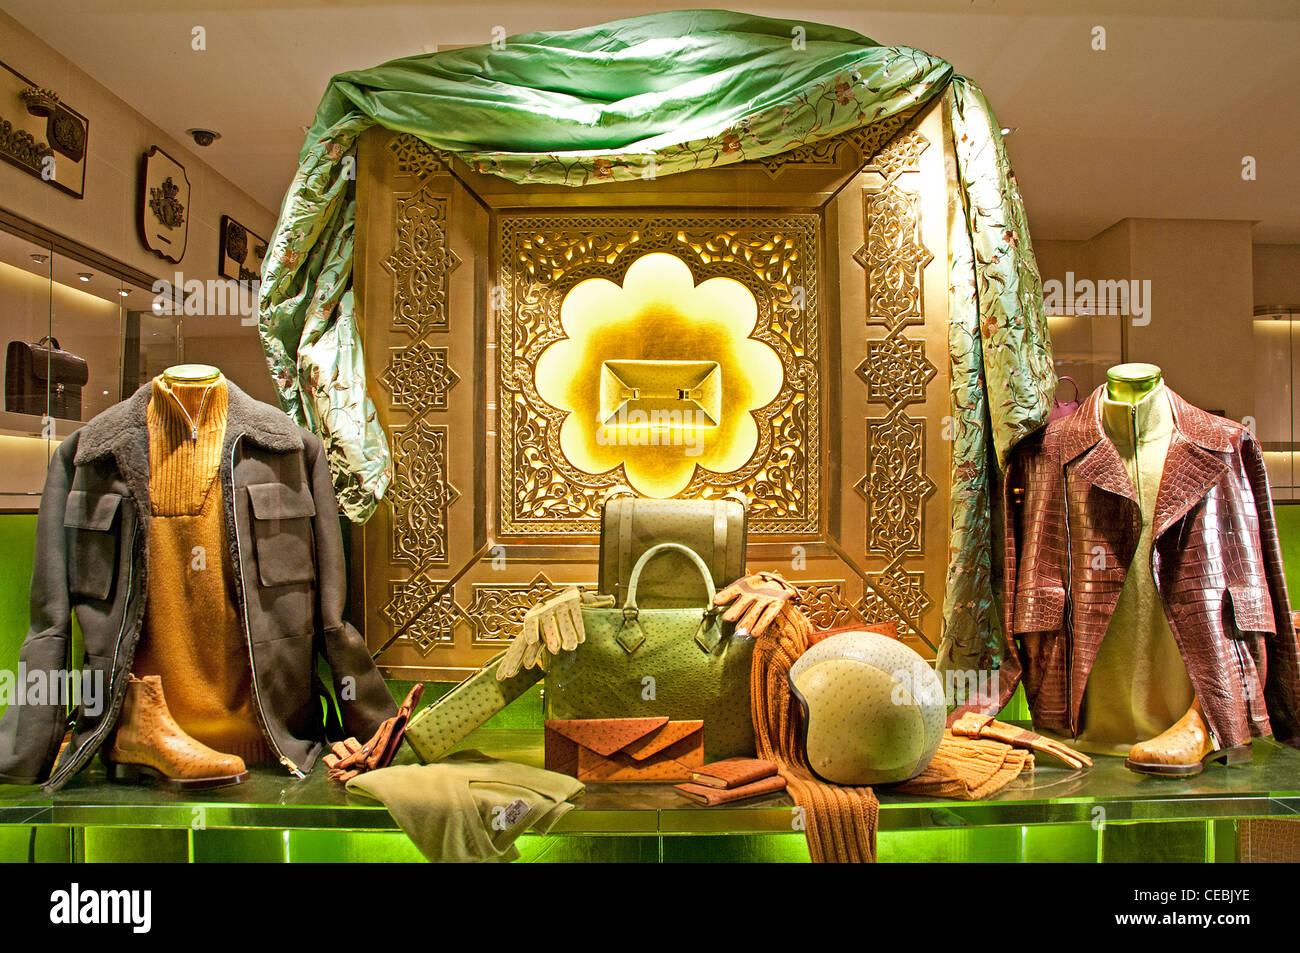 le plus fiable aliexpress acheter bien Boutique Hermès Paris France afficher la fenêtre de mode de ...